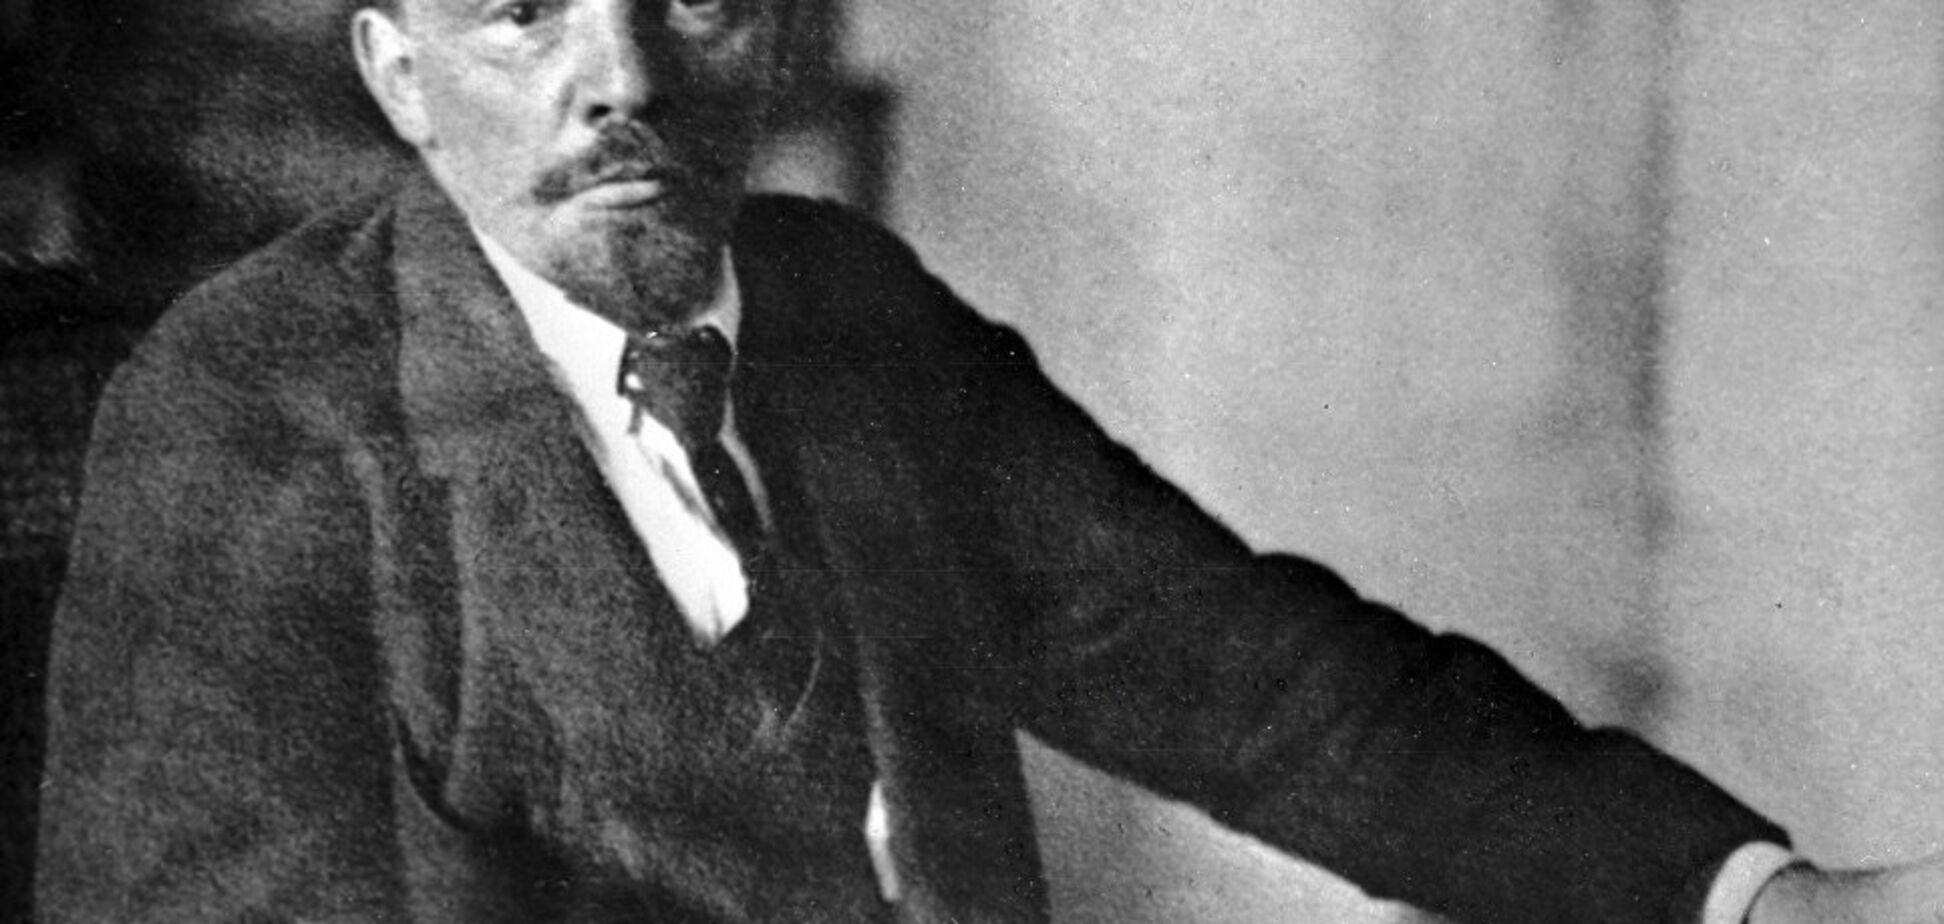 Был ли Ленин идиот?